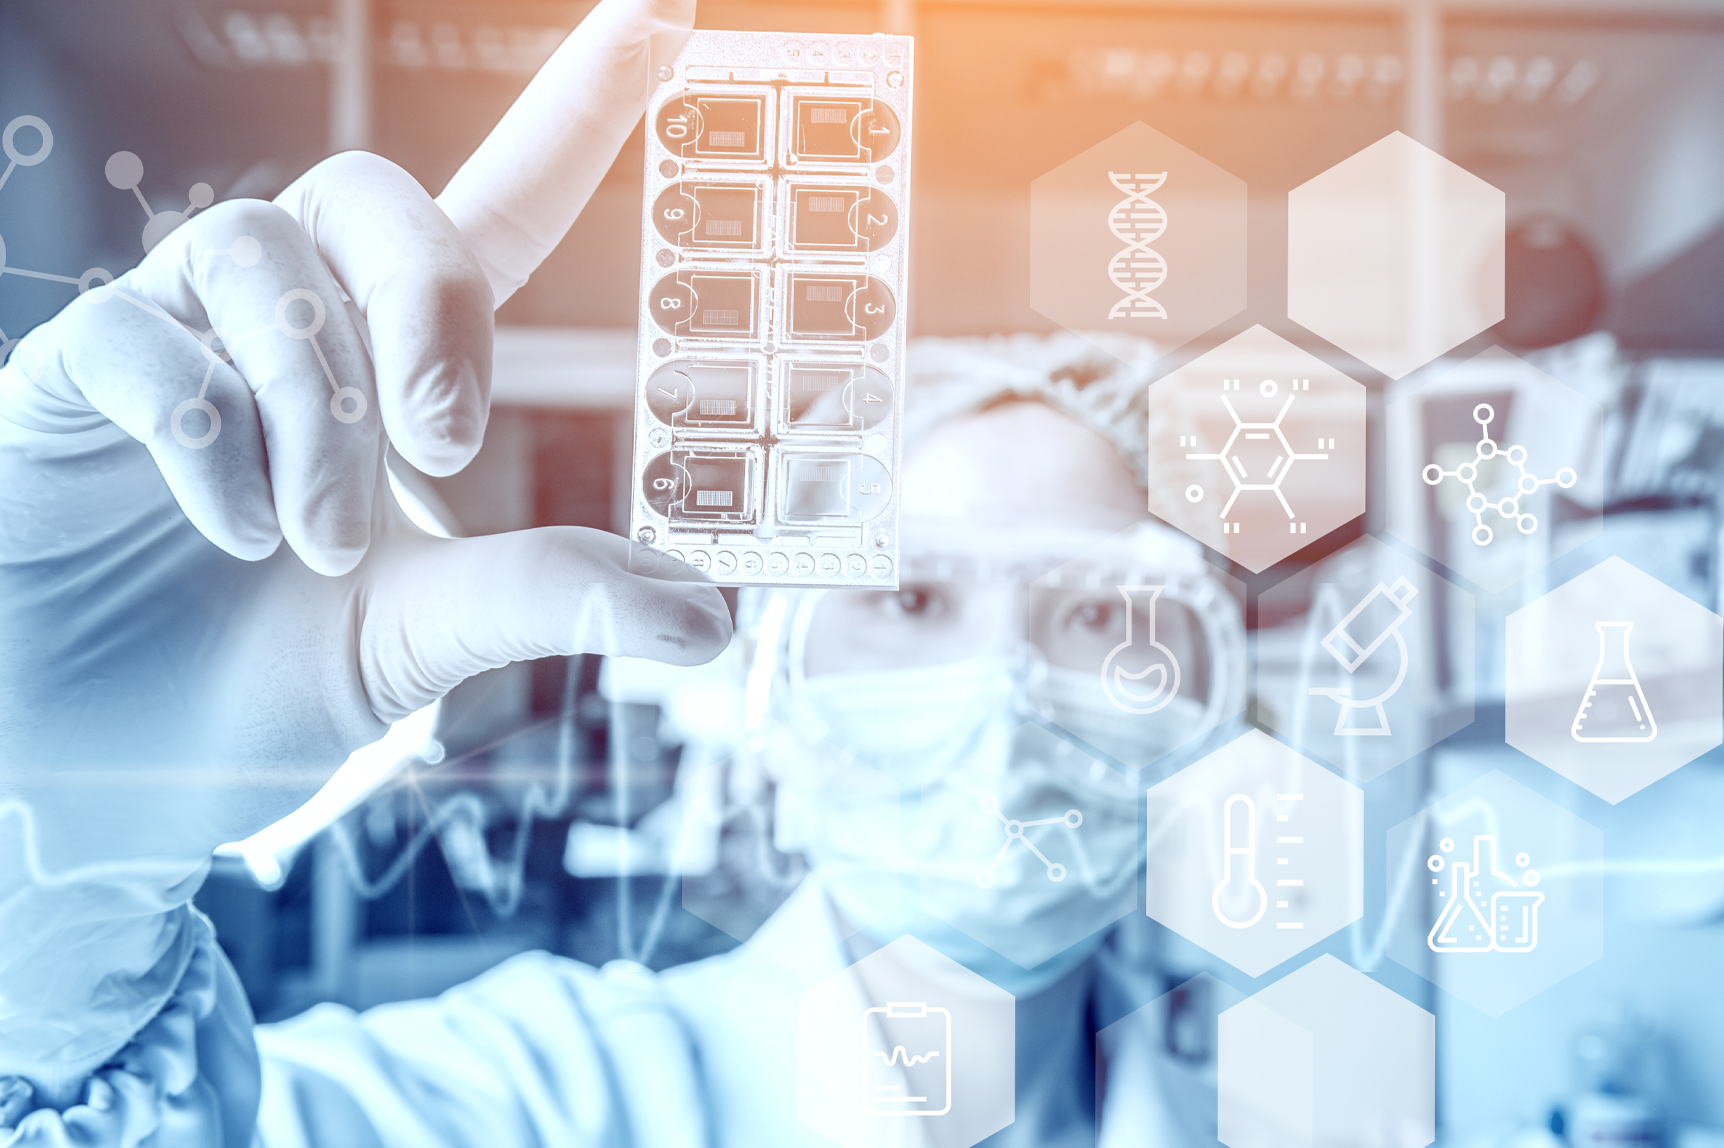 Цифровая трансформация в медицине и фармацевтике